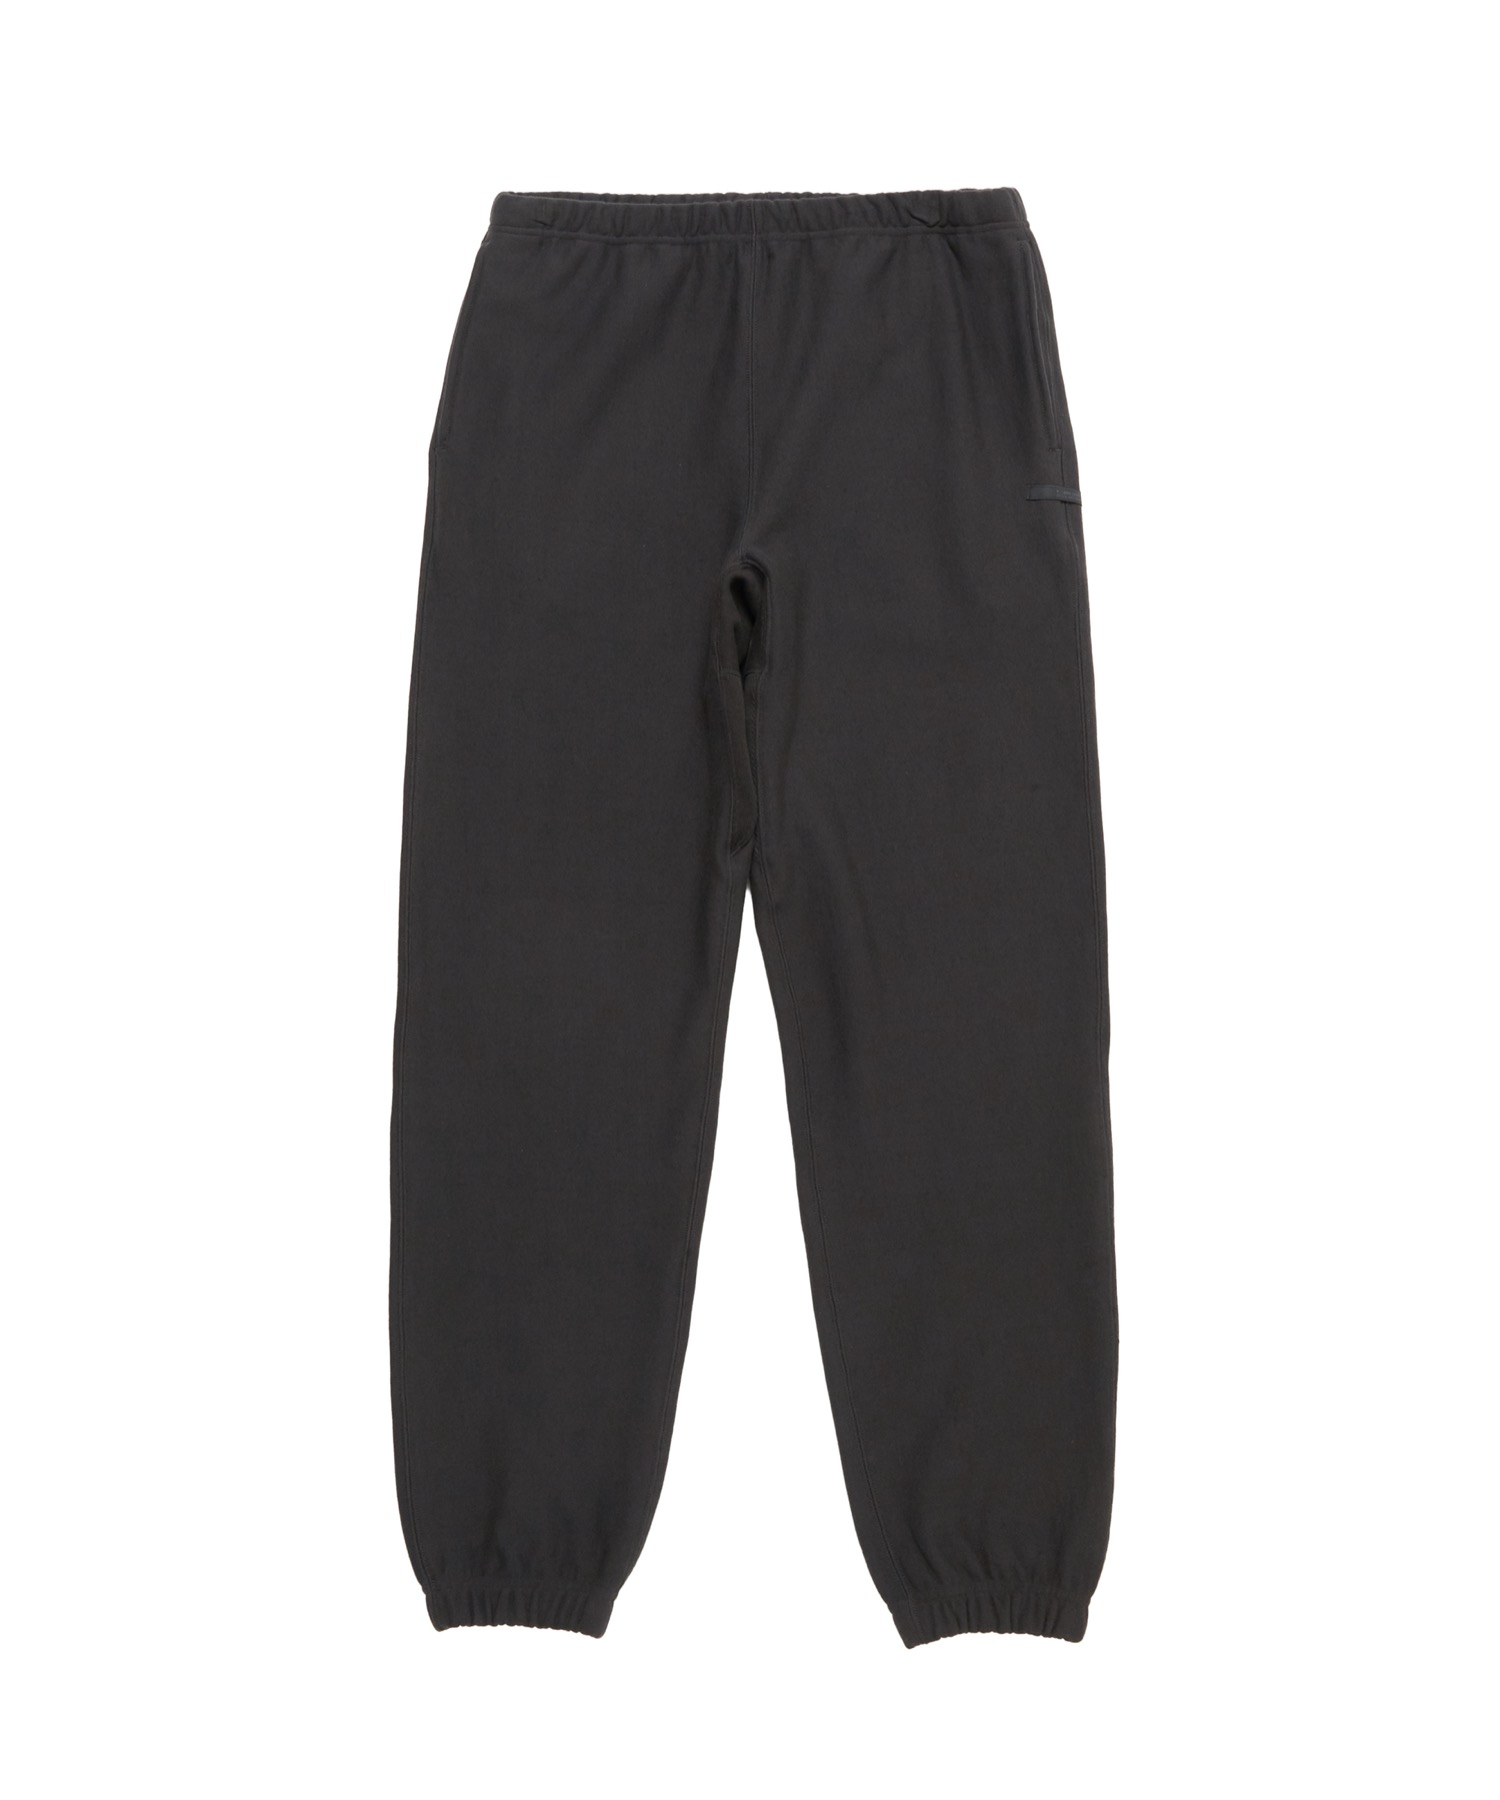 SPRING2021 SWEAT PANTS